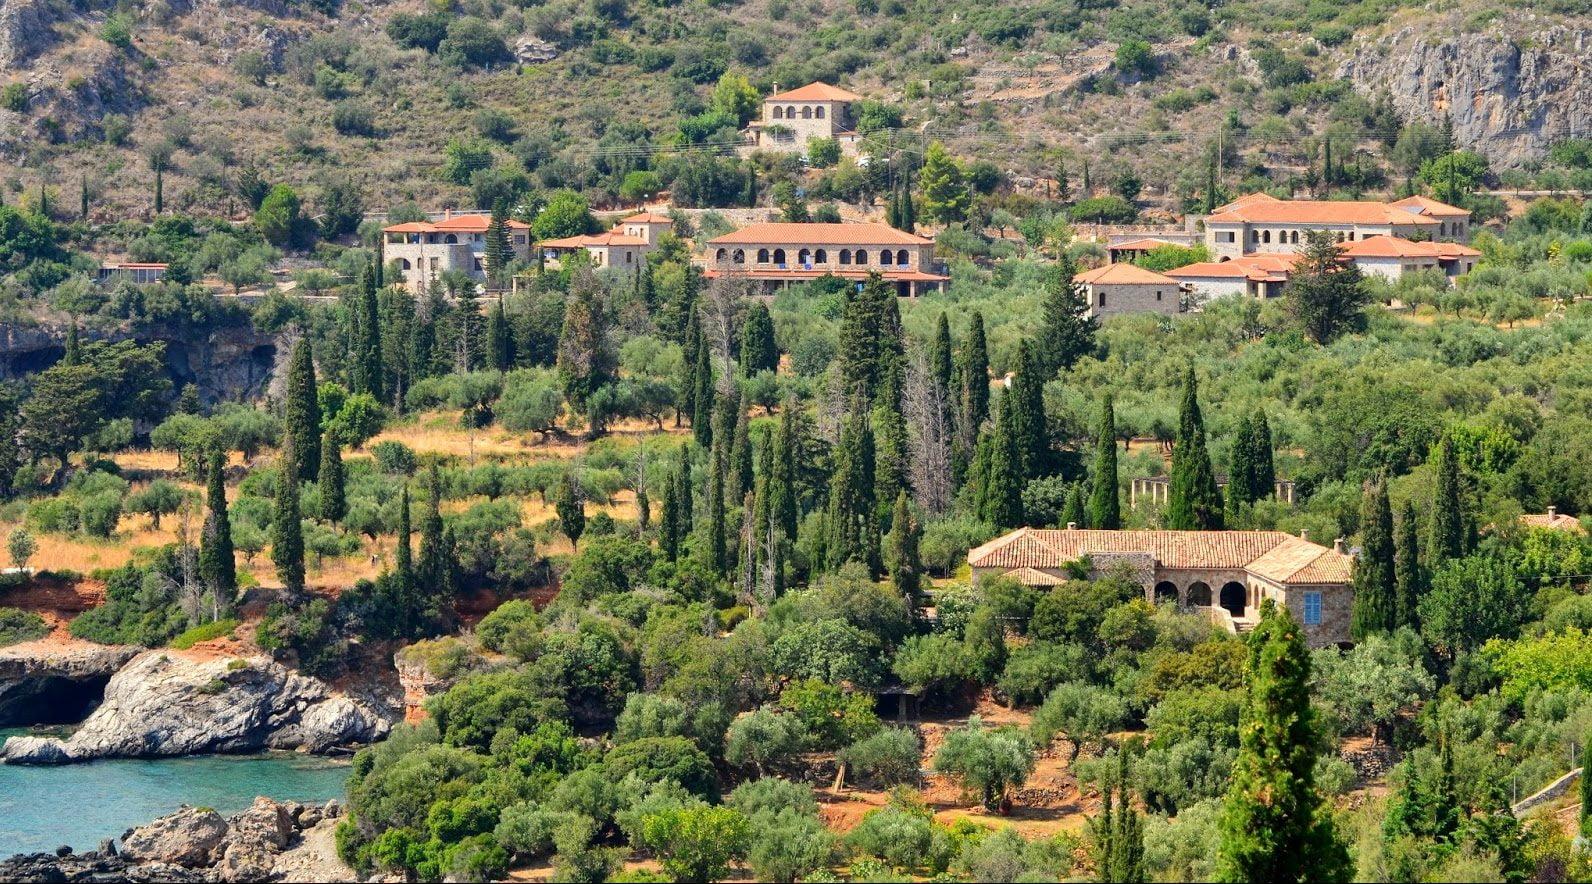 Πάτρικ Λη Φέρμορ, ο Φιλέλληνας που προσφέρει στην Ελλάδα μετά το θάνατό του